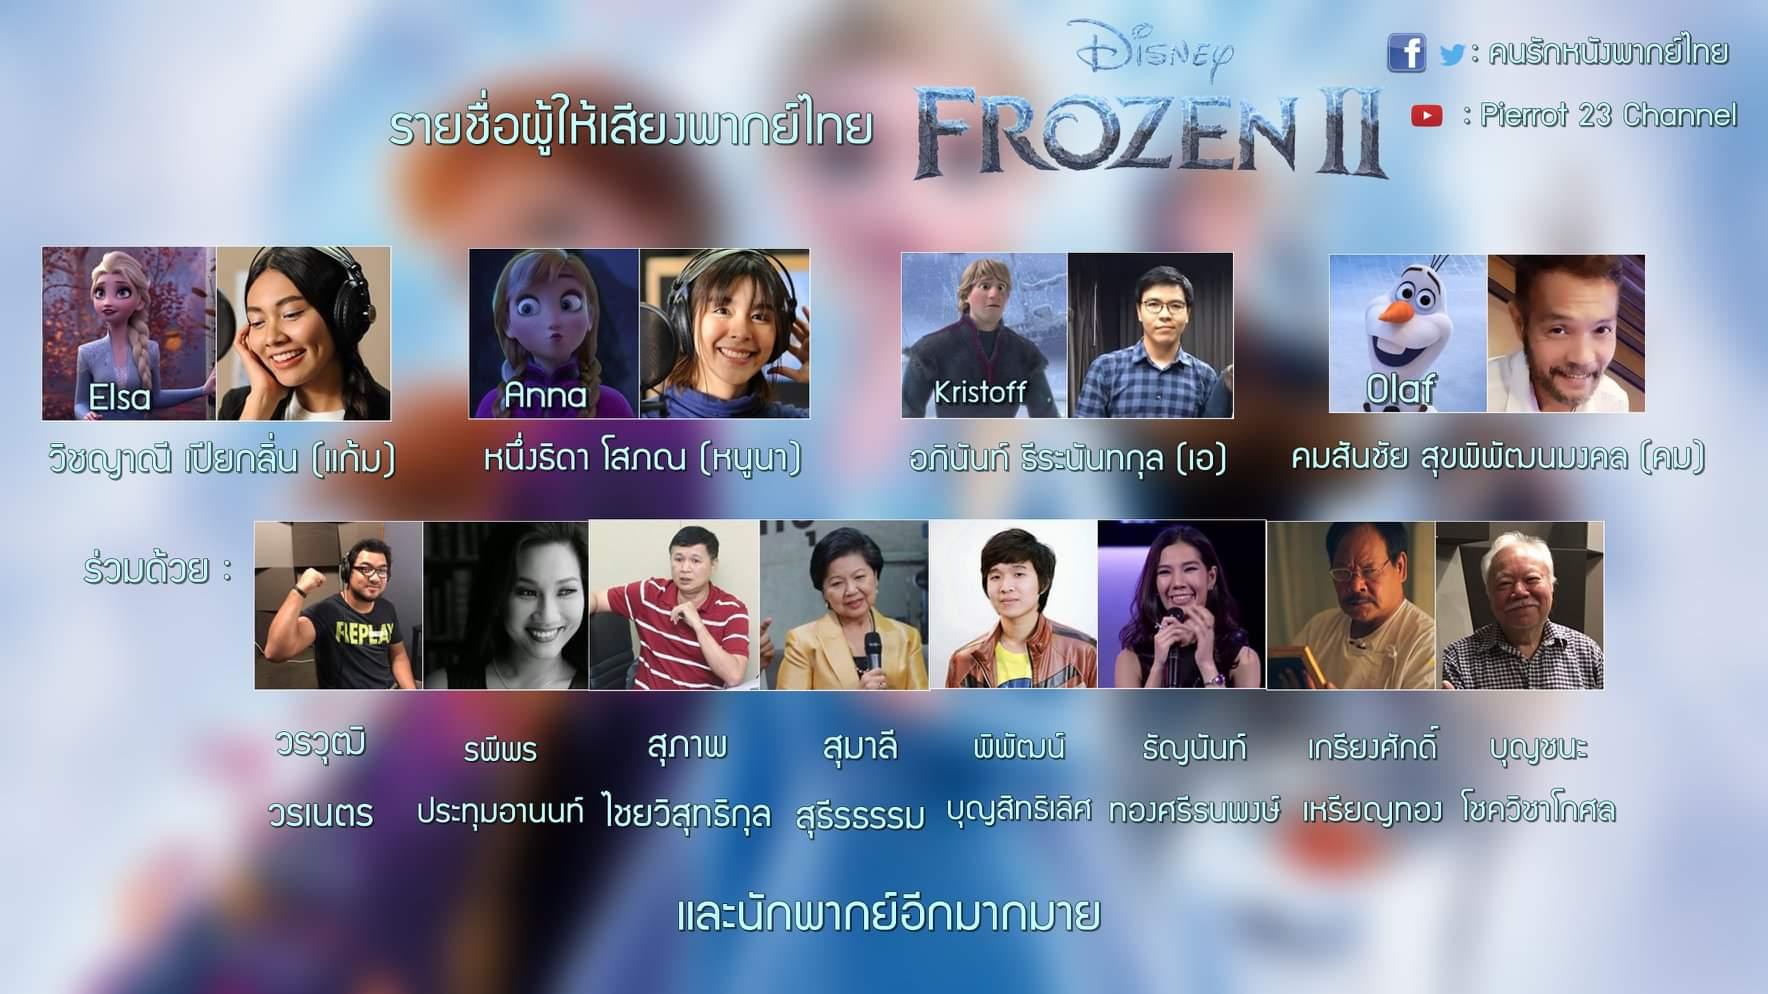 รายชื่อผู้ให้เสียงพากย์ไทย Frozen.jpg